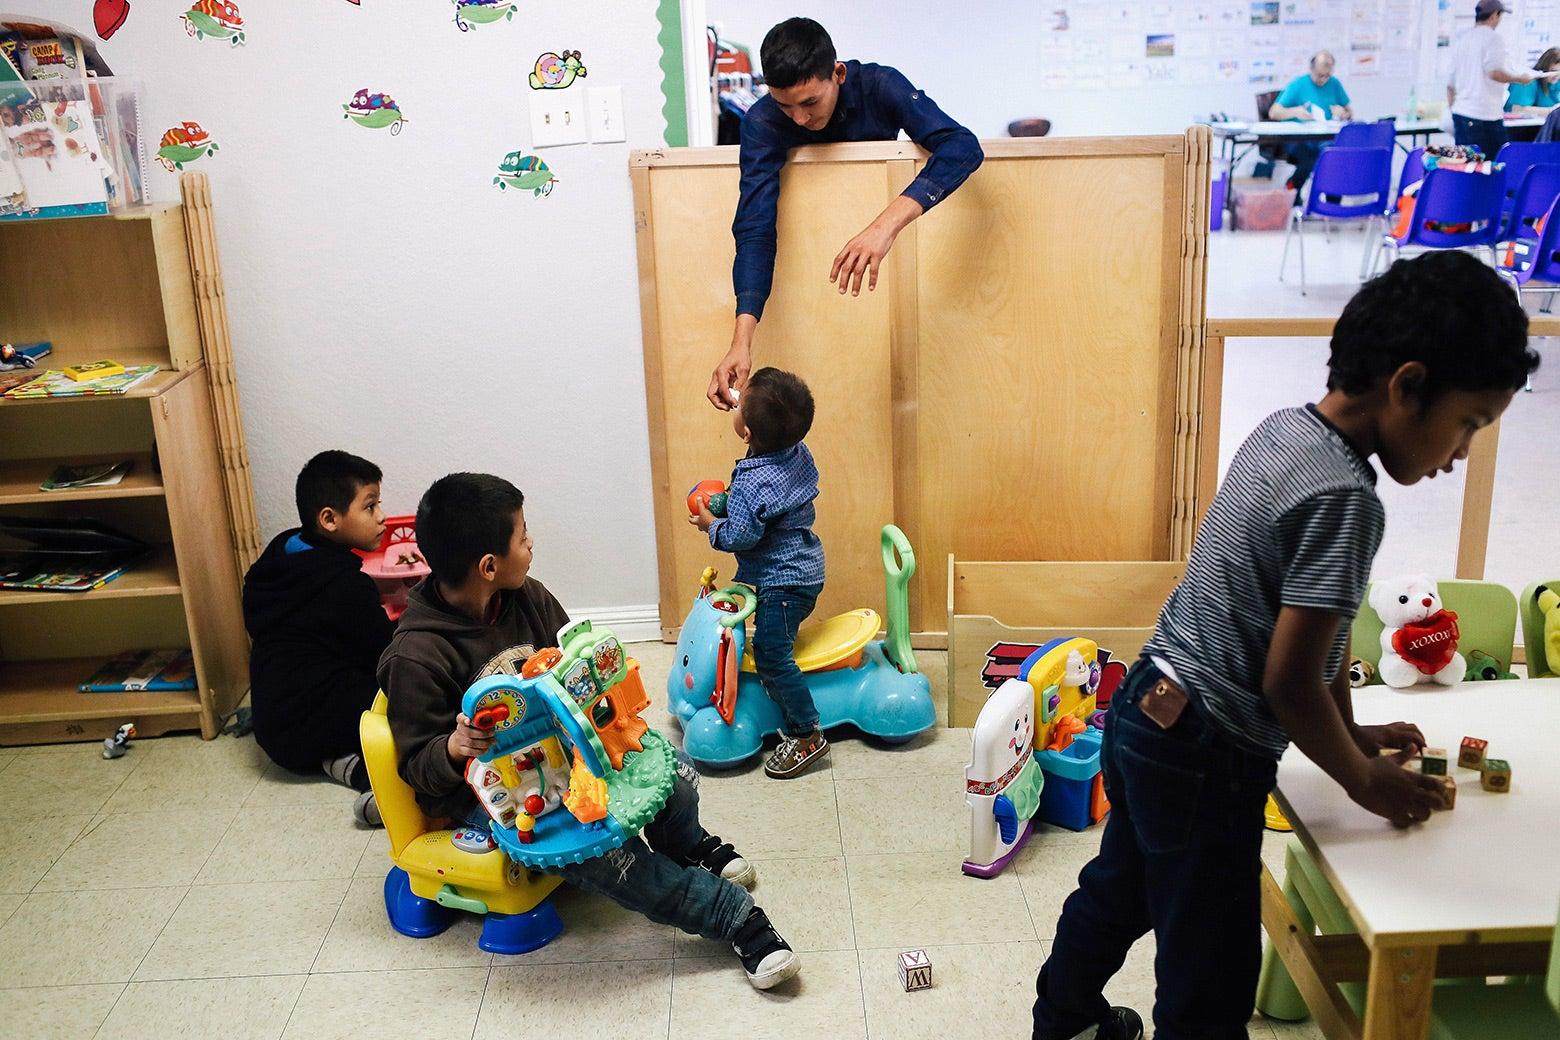 Children play.